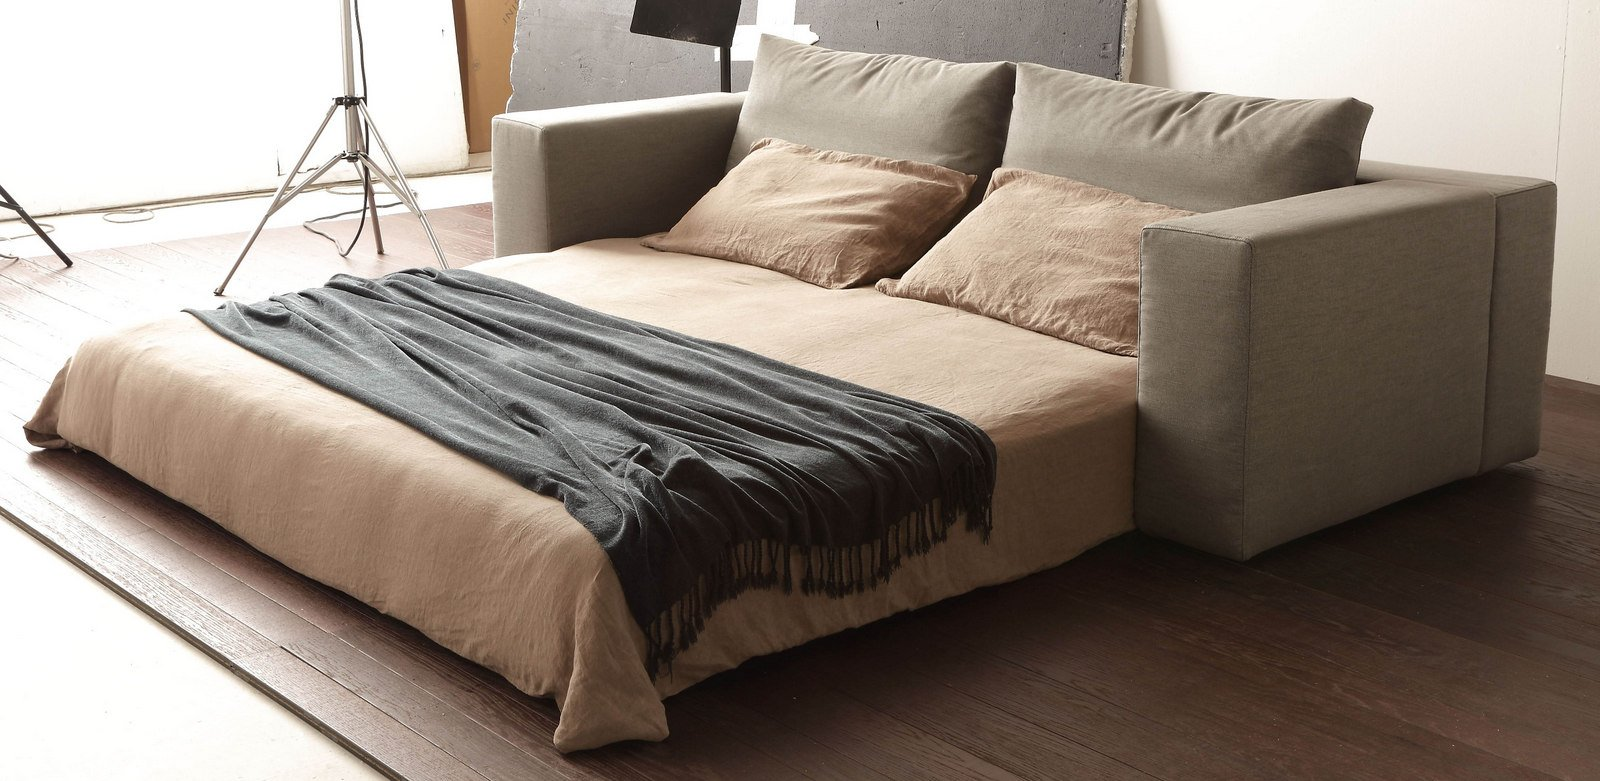 Sof cama 2 lugares pquadro by bodema - Sofas de 2 plazas ...